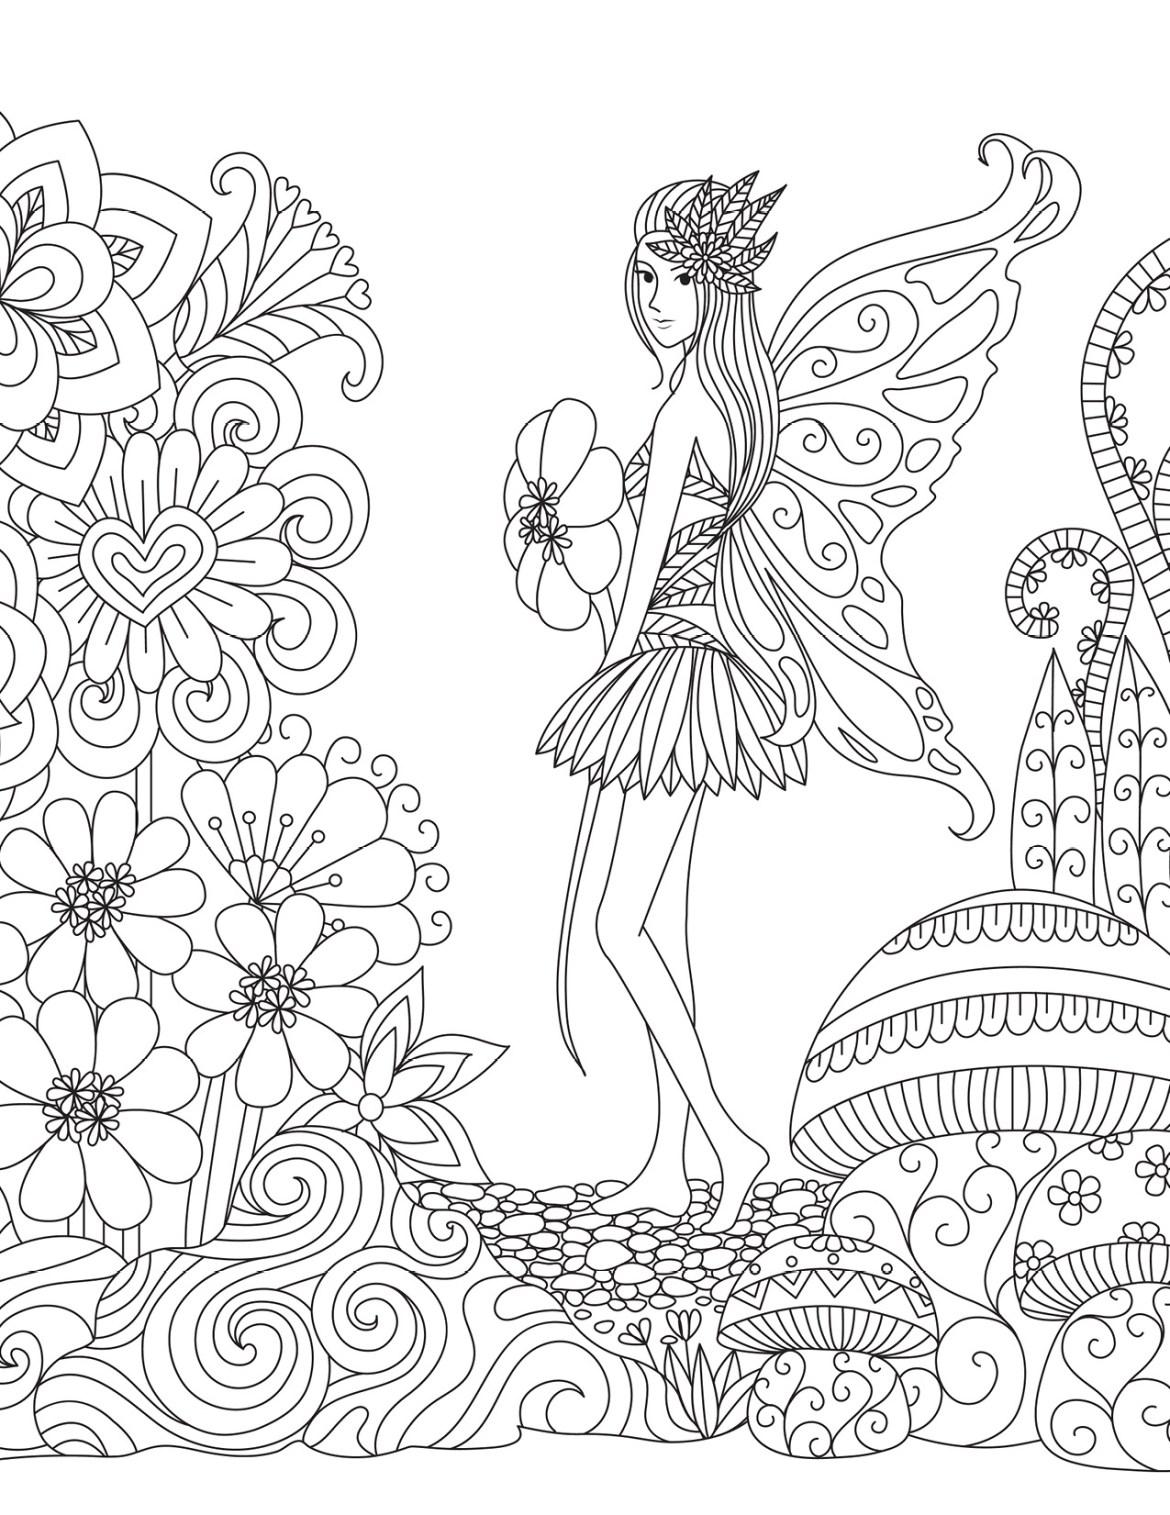 Dessin Fée Des Fleurs Pour Adulte à Colorier Artherapieca